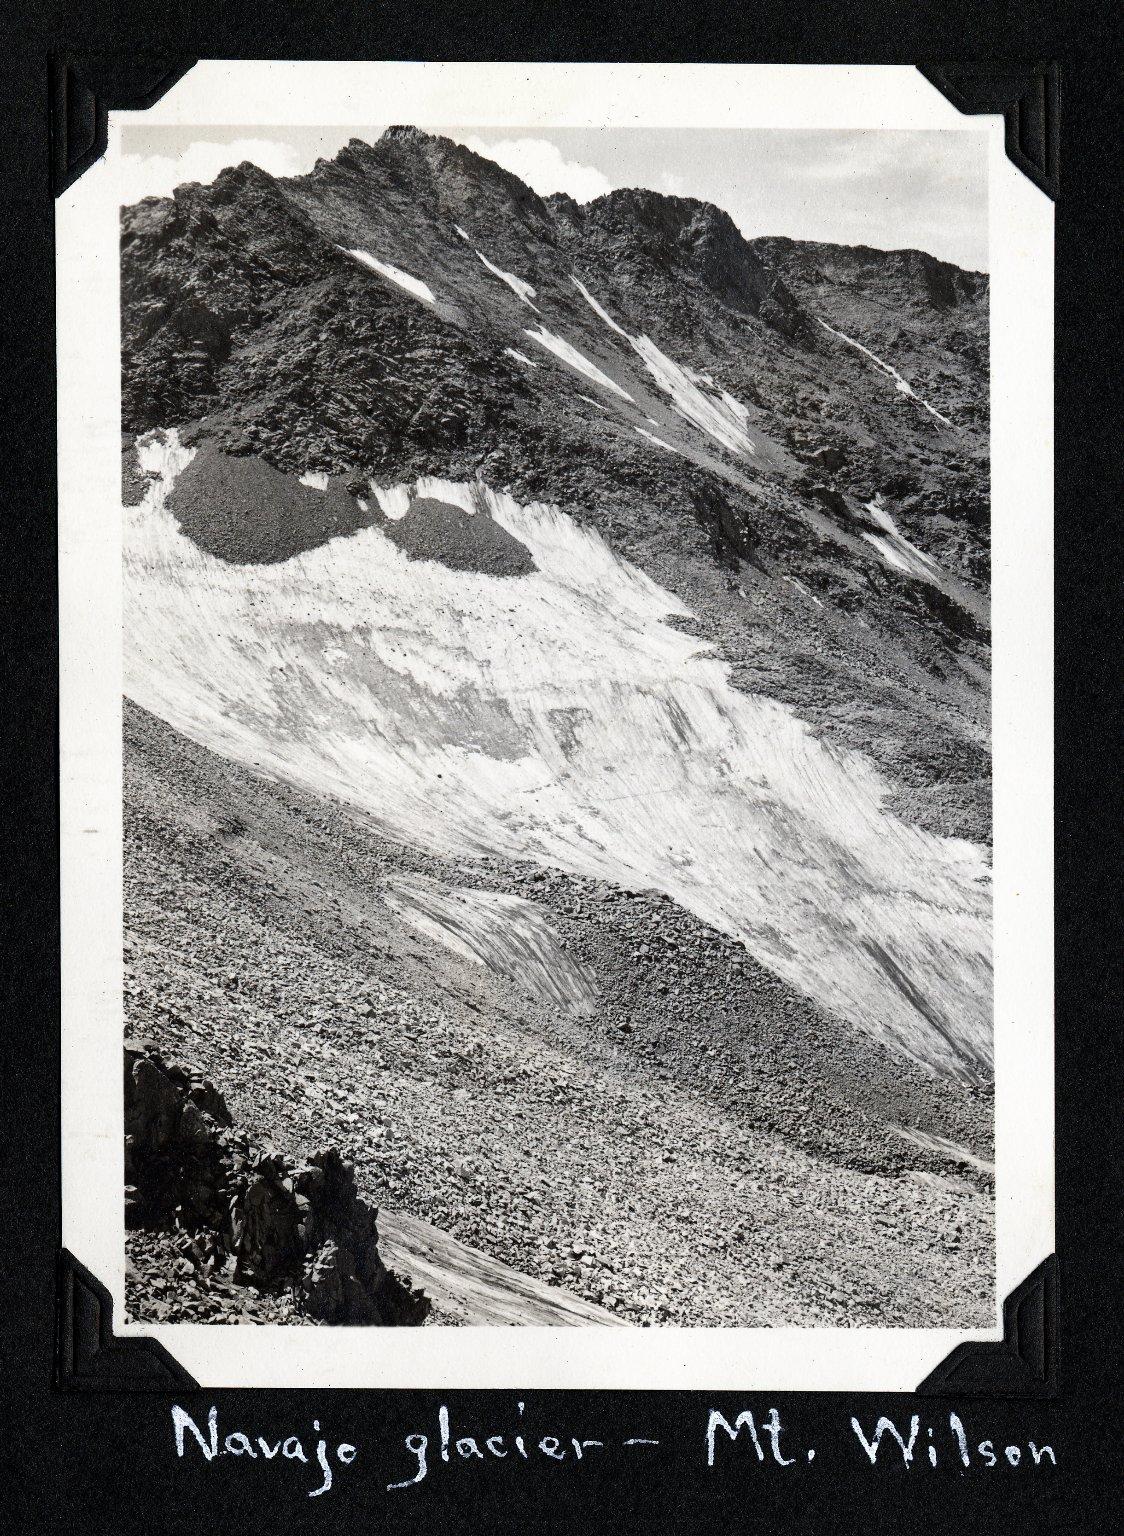 Navajo Glacier - Mt. Wilson